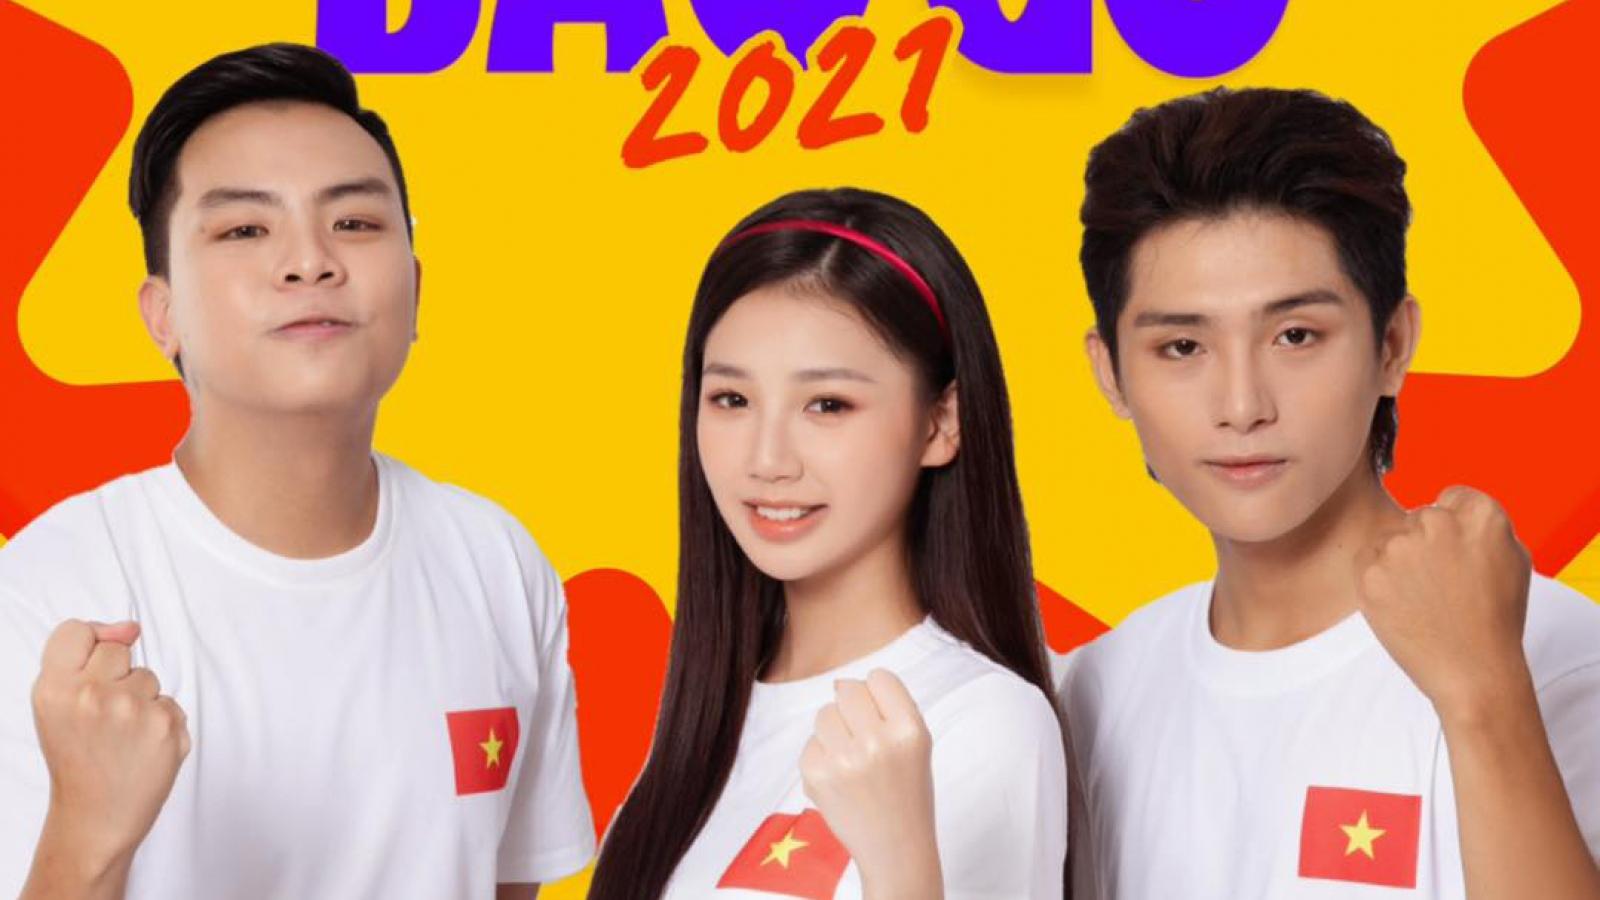 """Không khí trẻ trung, sôi động trong MV """"Bài ca bầu cử"""" của Hứa Kim Tuyền, Amee và Grey D"""